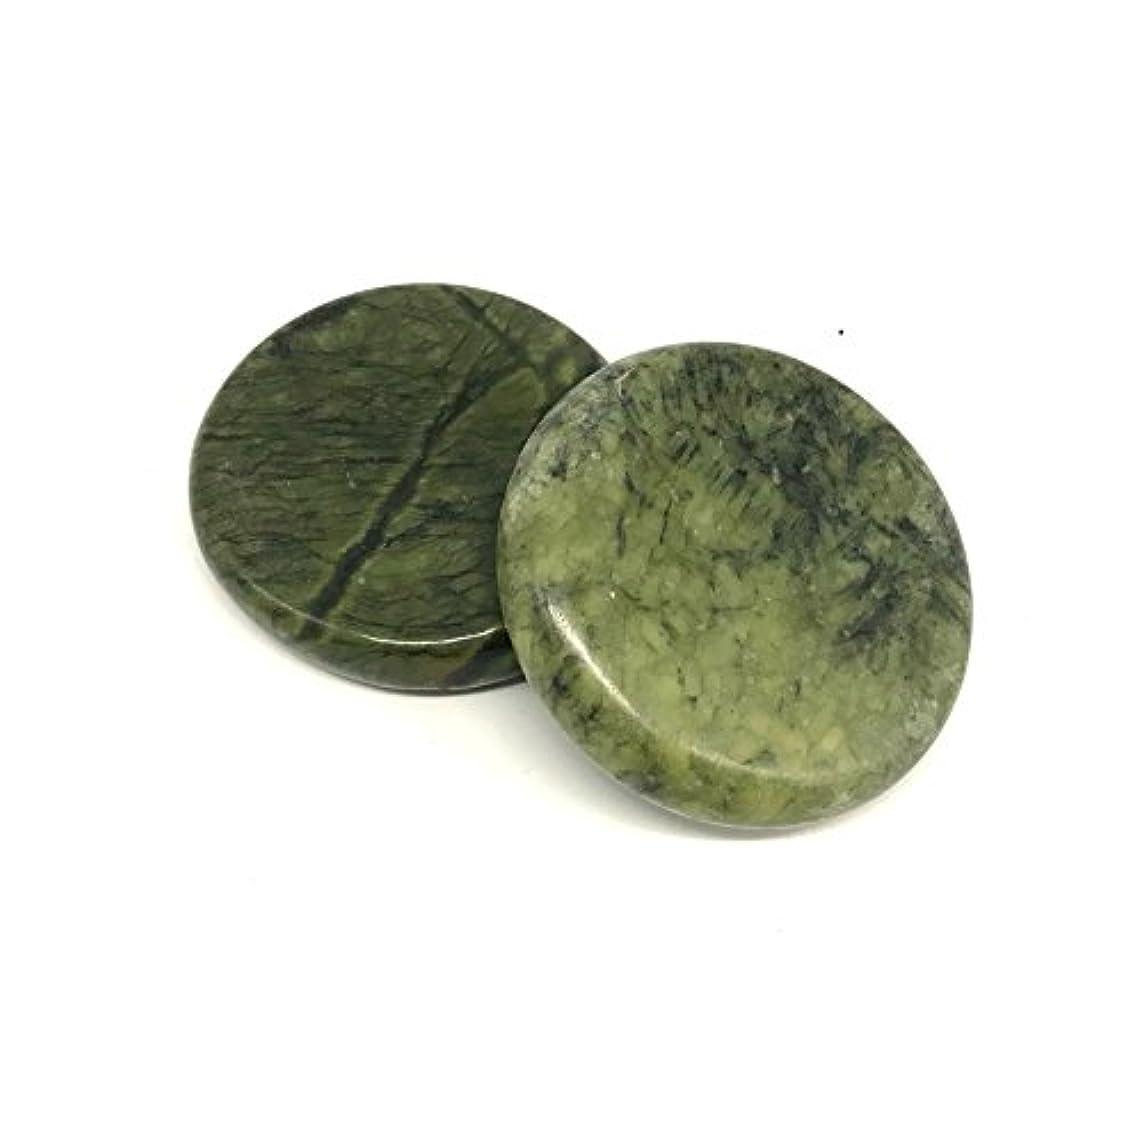 煙突沼地命令的オリーブ玉翡翠ホットストン 足つぼ?手のひら かっさ Natural Green Jade Stone hot stone for body massage Spa massage tools (L 2 点PCS) (3.14...